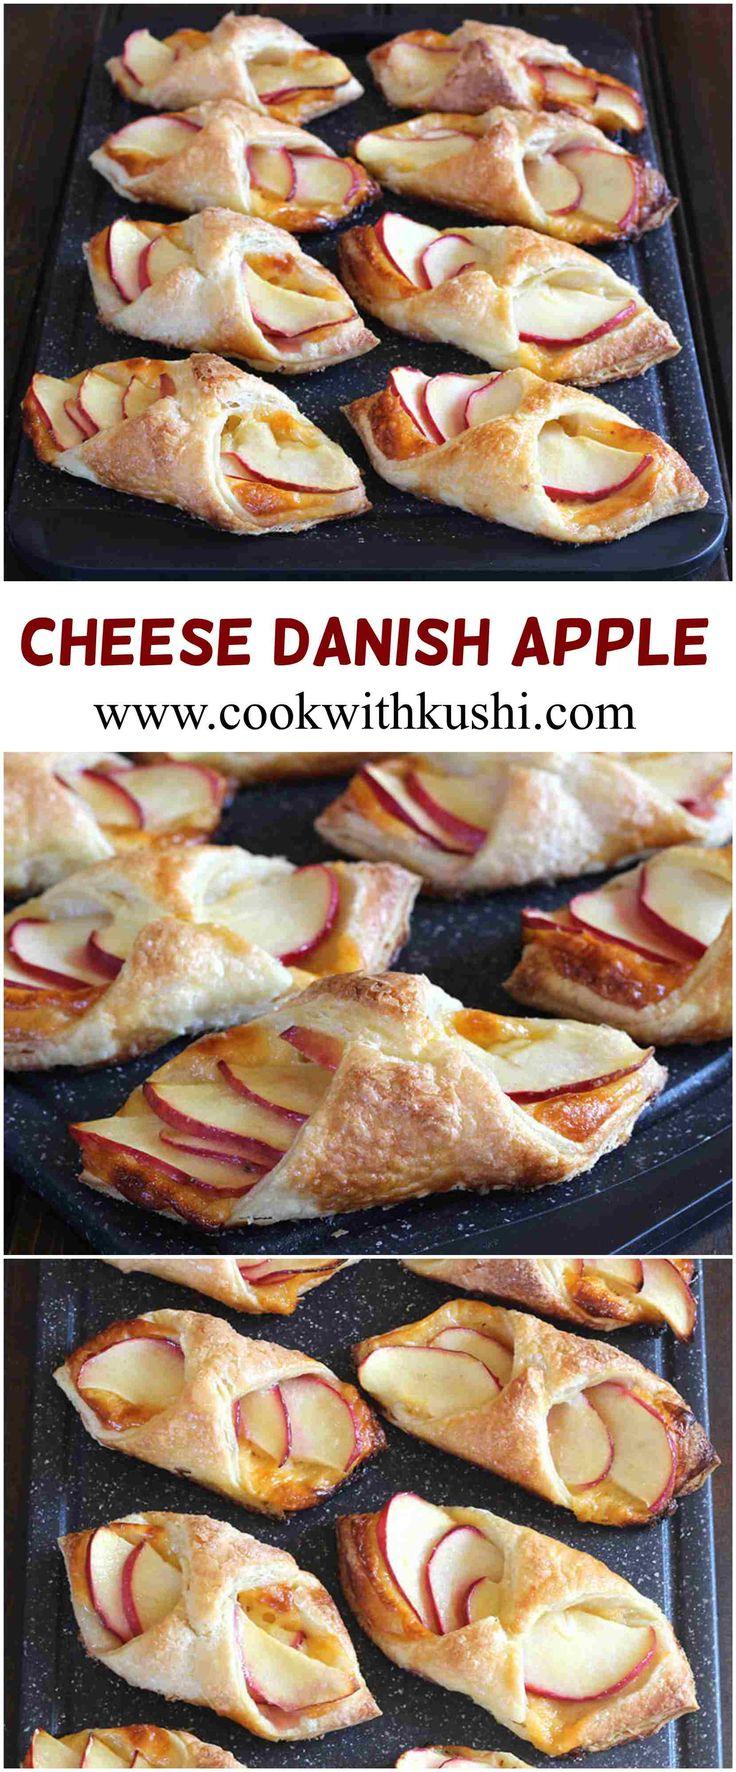 Apple Cheese Danish                                                                                                                                                                                 More